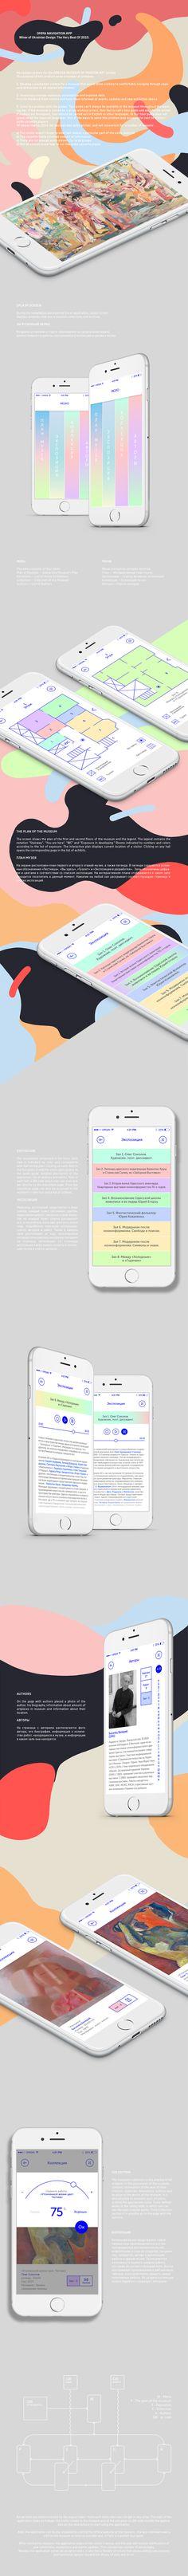 https://www.behance.net/gallery/21883811/OMMA-navigation-App